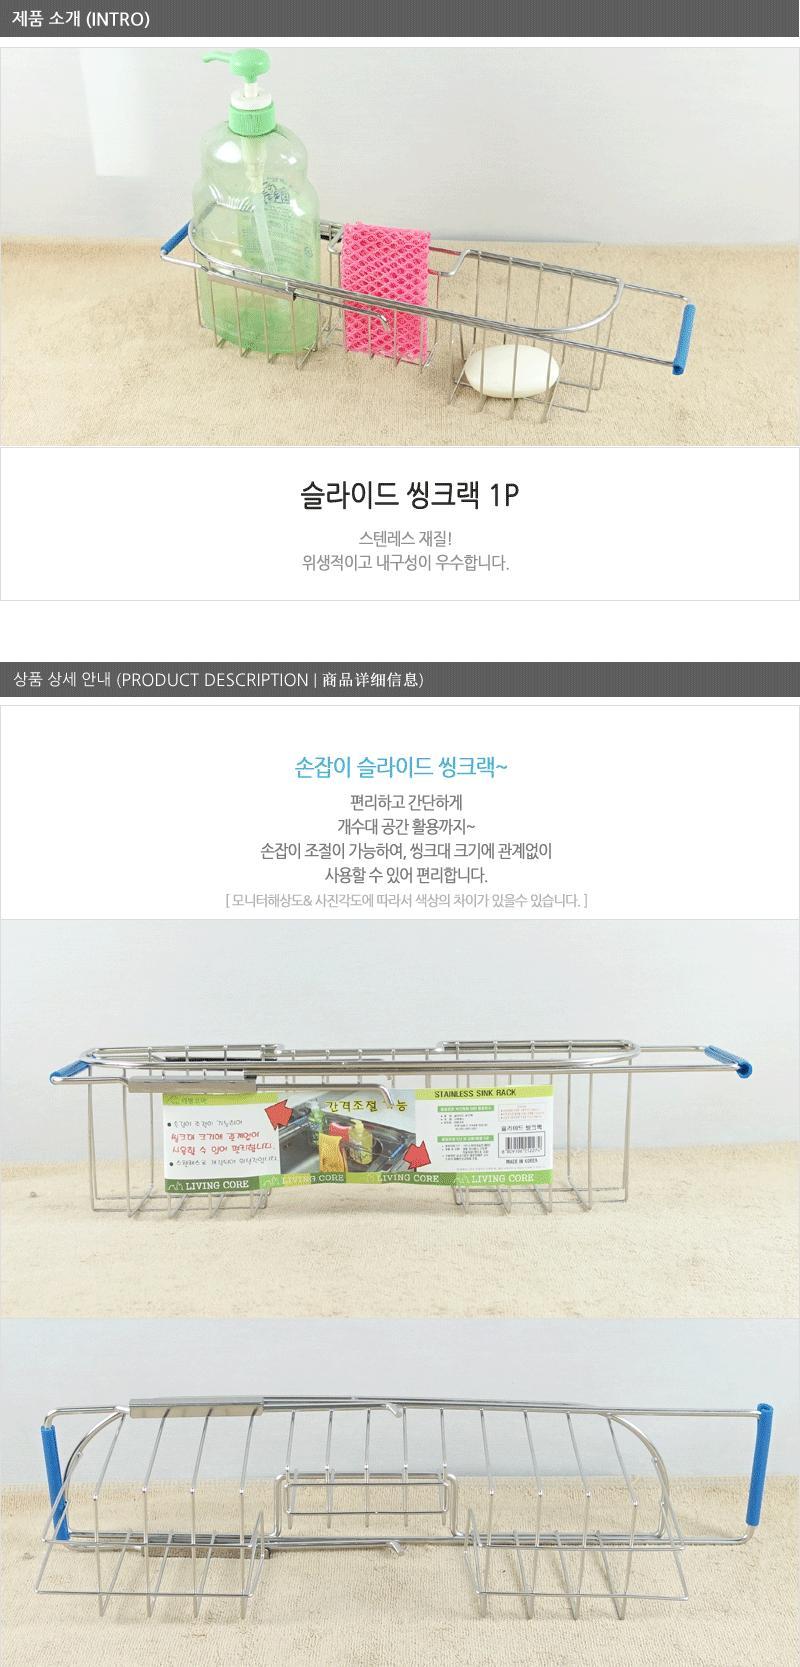 슬라이드 씽크랙 슬라이드씽크정리대 주방소품 씽크대 슬라이드씽크정리대 주방소품 씽크대정리대 스텐주방선반 싱크선반